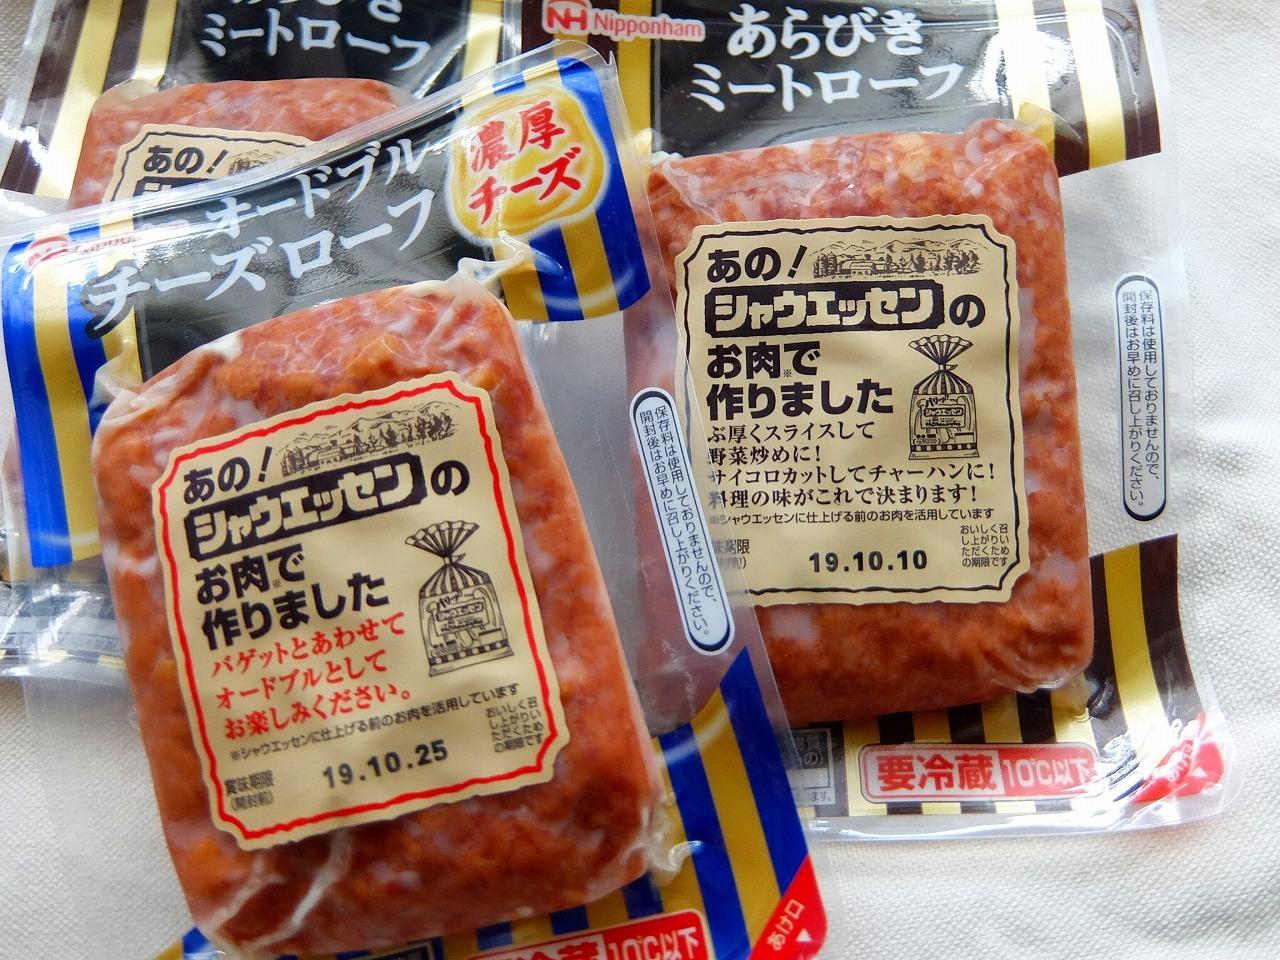 あらびきミートローフとさつま芋の炊いたん♪_e0175443_17504437.jpg